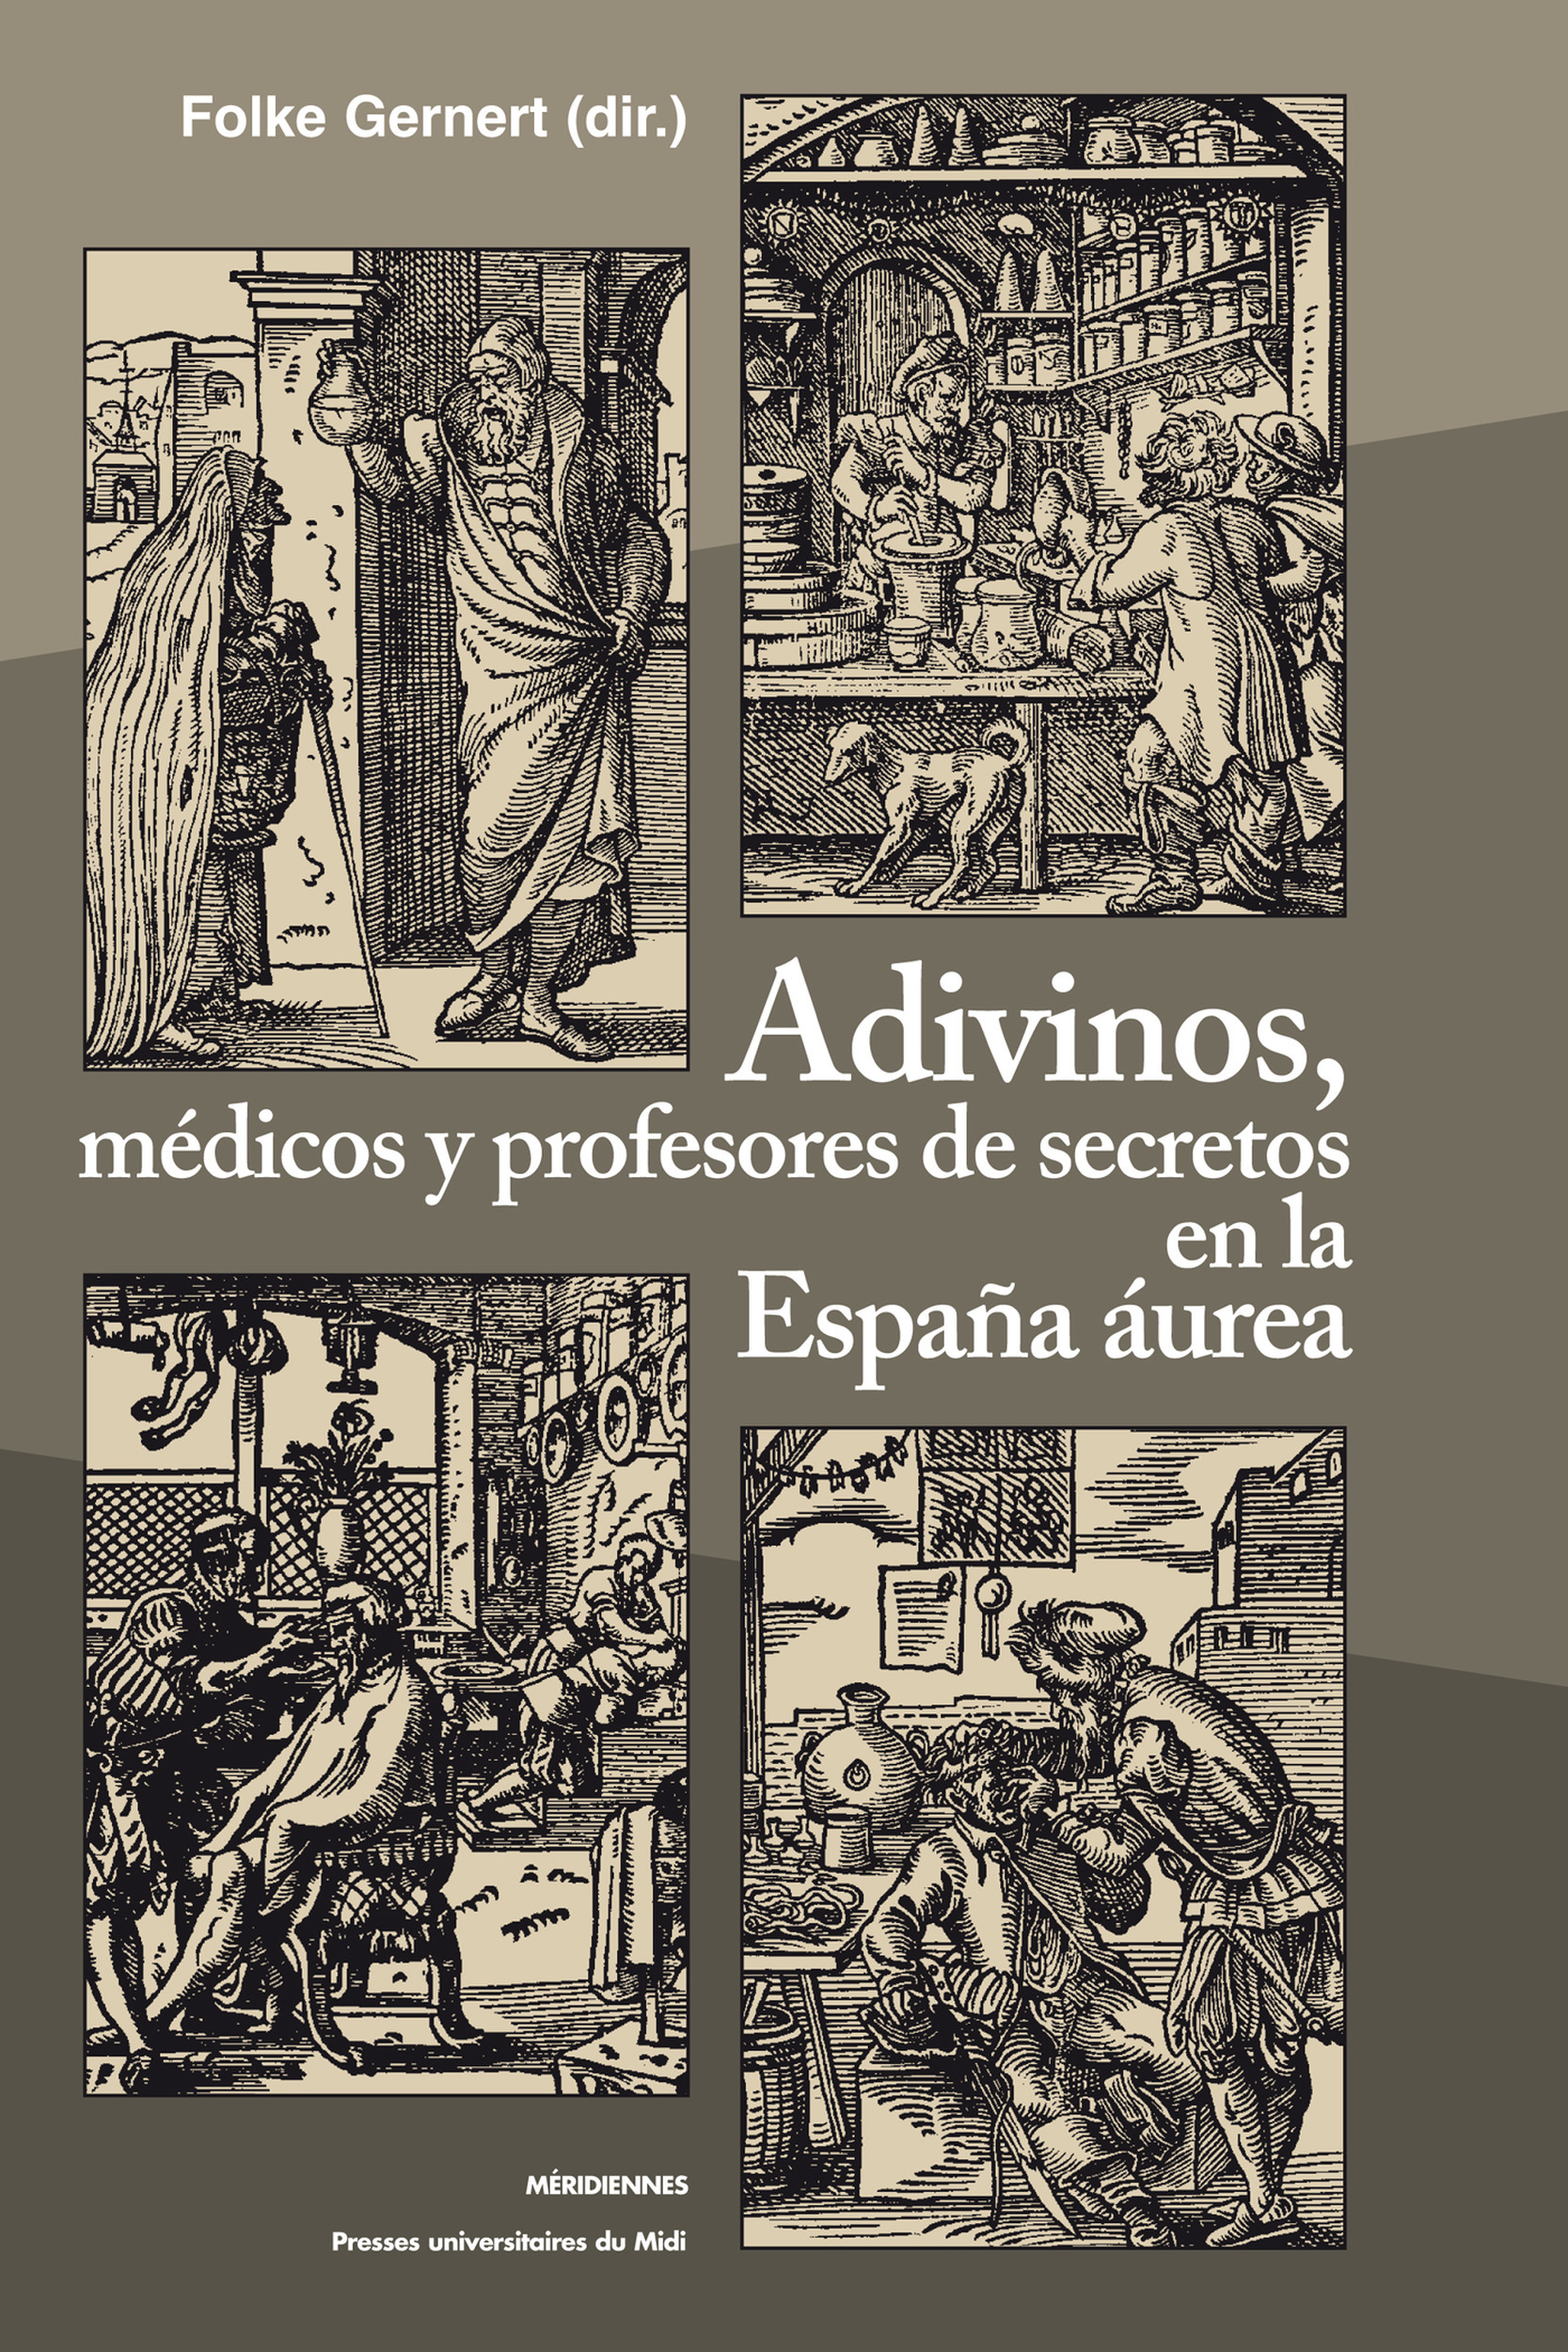 Adivinos, médicos y profesores de secretos en la España aurea